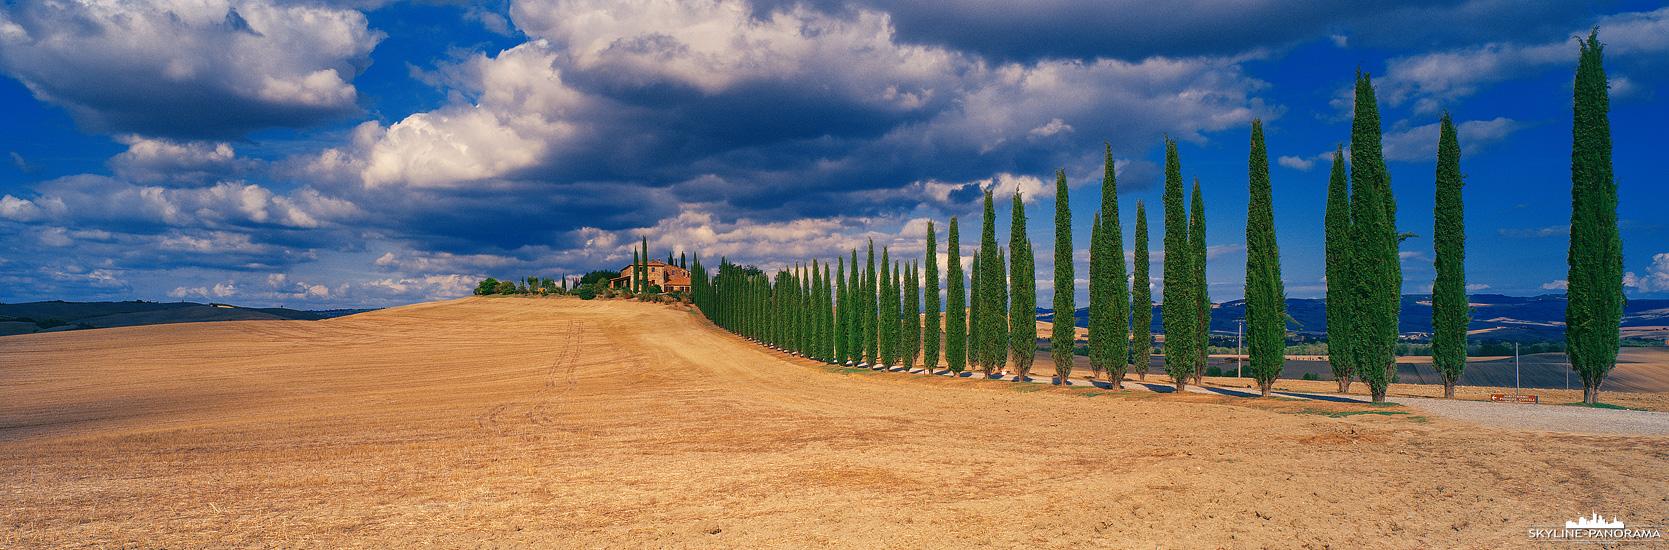 """Panorama Italien - Eines der beliebtesten Fotomotive in der Toskana ist Agriturismo Poggio Covili, das Bauernhaus befindet sich im """"Val d'Orcia"""", Bagno Vignoni."""